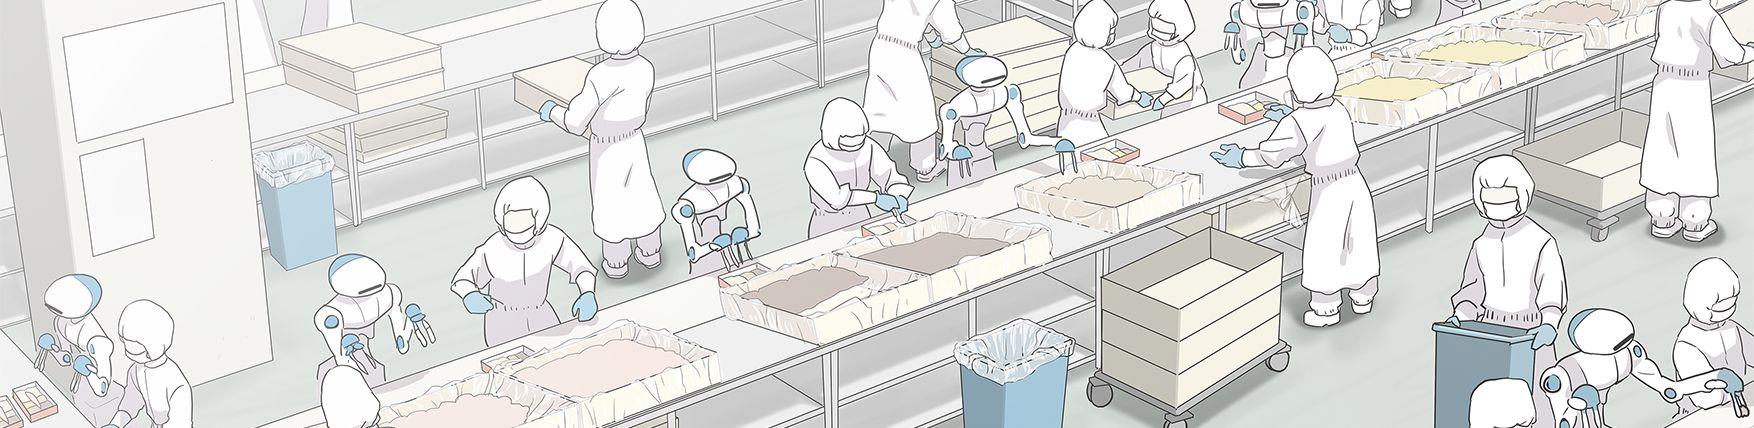 人型協働ロボットFoodlyが人間と共に働く姿